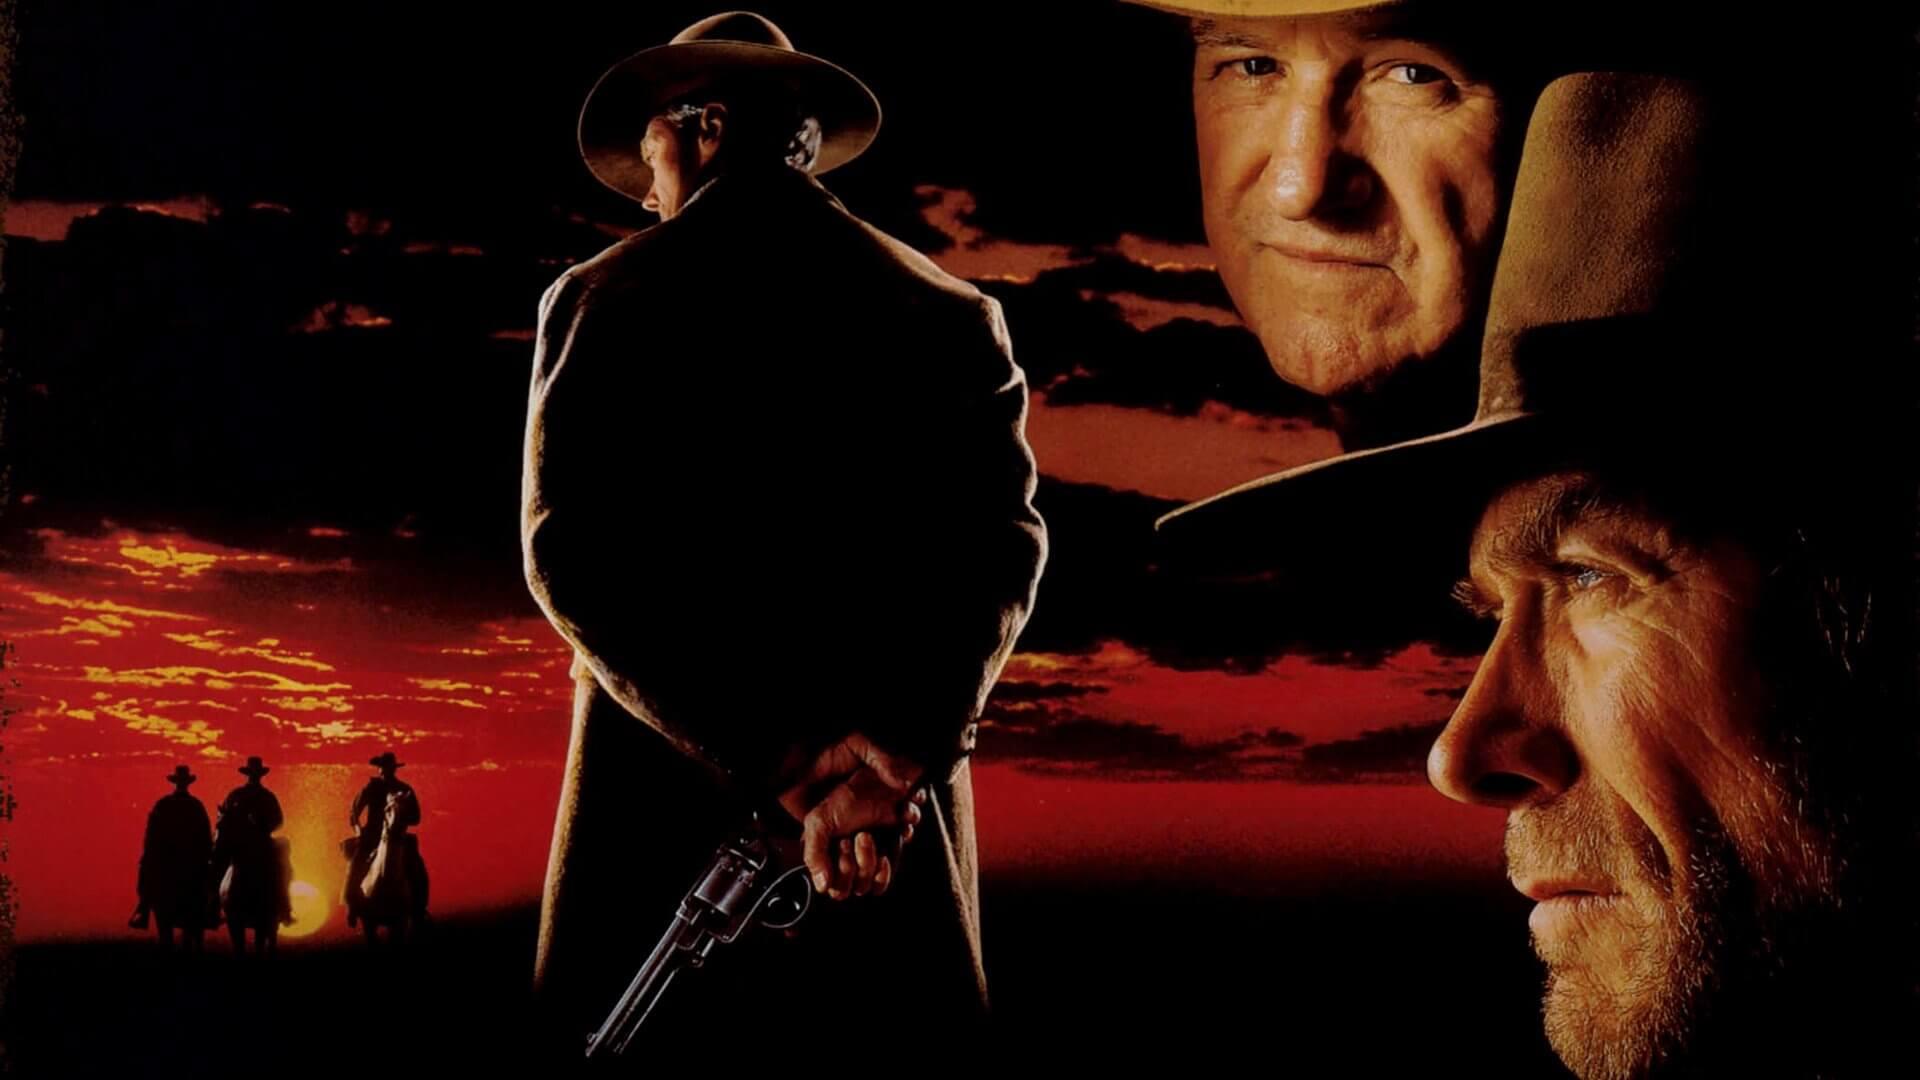 Den du skal se og den du IKKE skal se: Unforgiven og The Lone Ranger